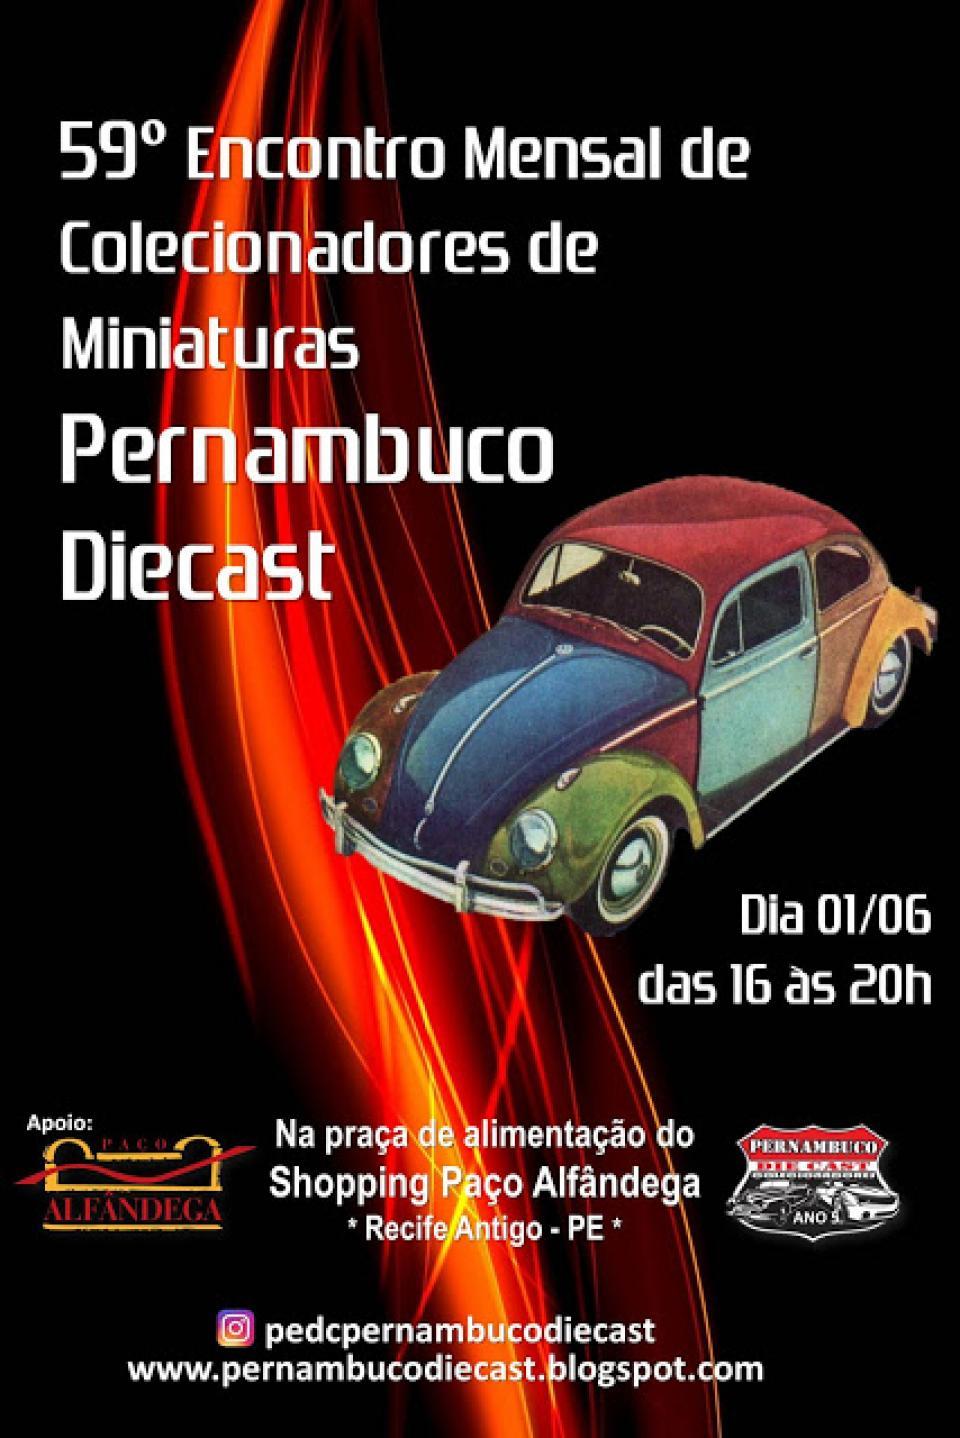 59º Encontro Mensal de Colecionadores de Miniaturas Pernambuco Diecast - junho/2019